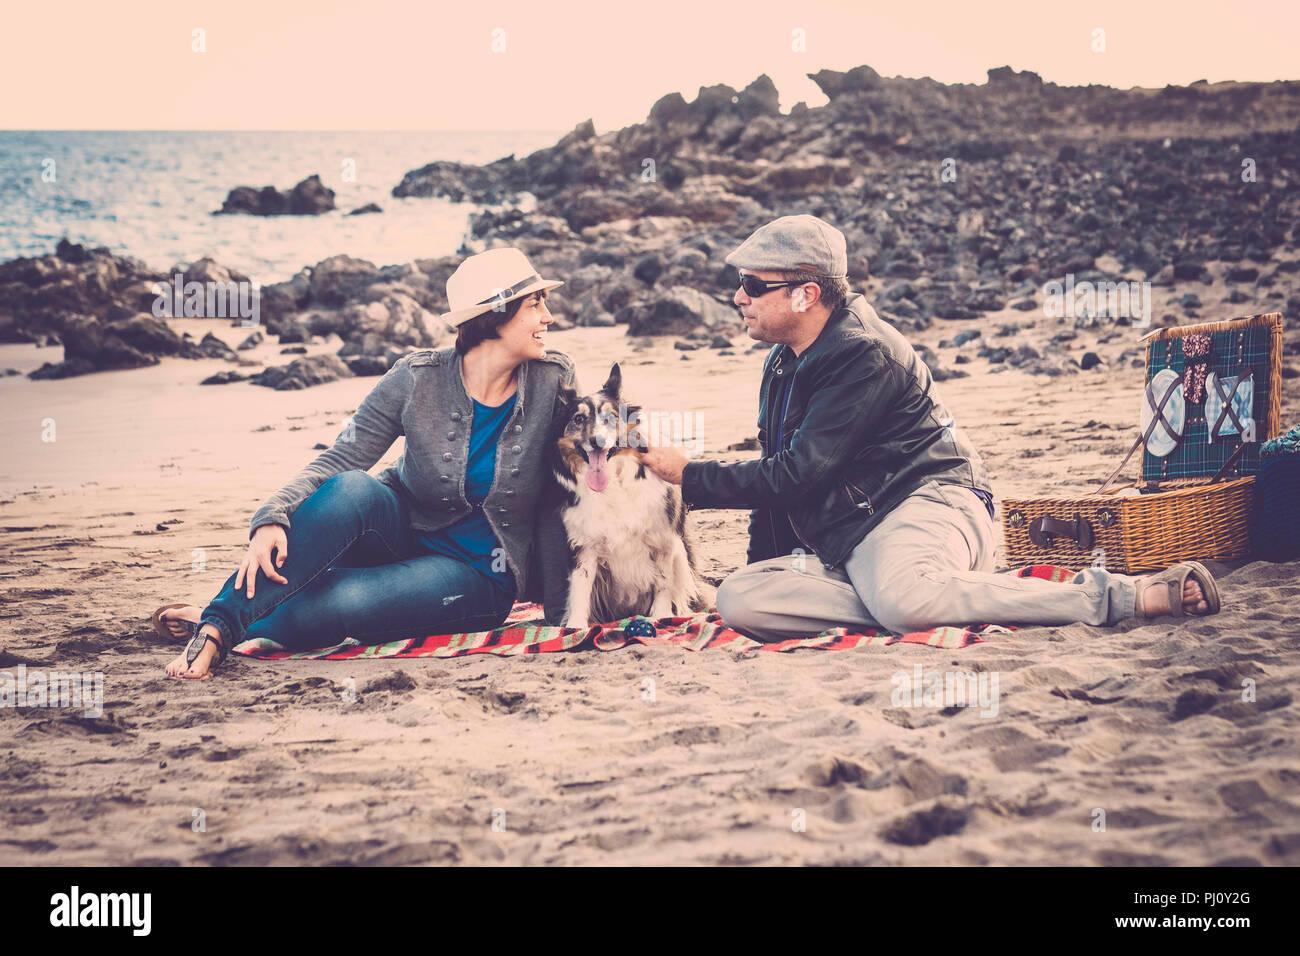 Bel gruppo di cane, l uomo e la donna i giovani per divertirsi insieme in spiaggia a fare un picnic e godersi il tempo libero attività. moda persone Immagini Stock